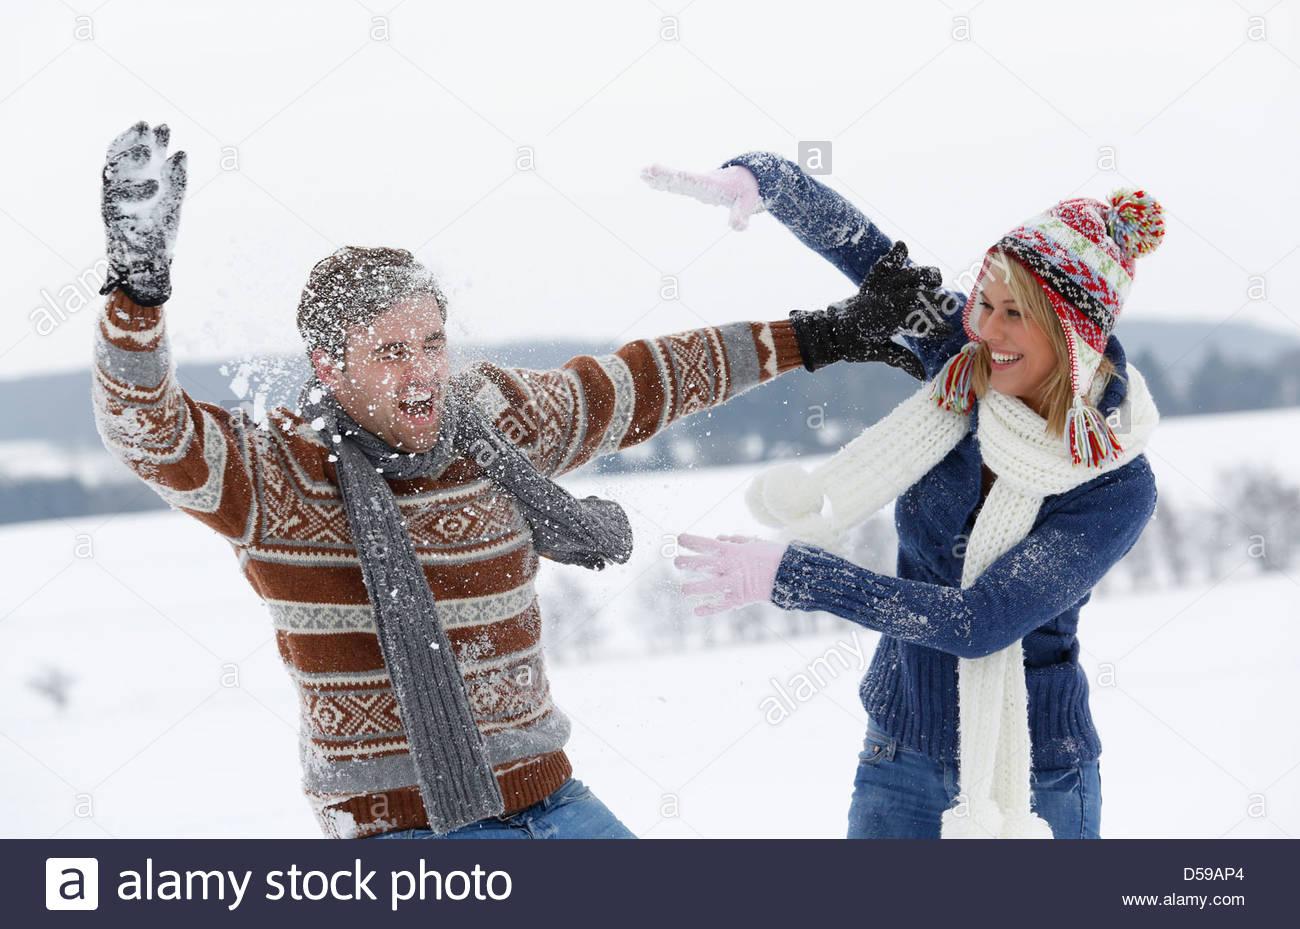 Coppia giovane una passeggiata nel paesaggio invernale Immagini Stock